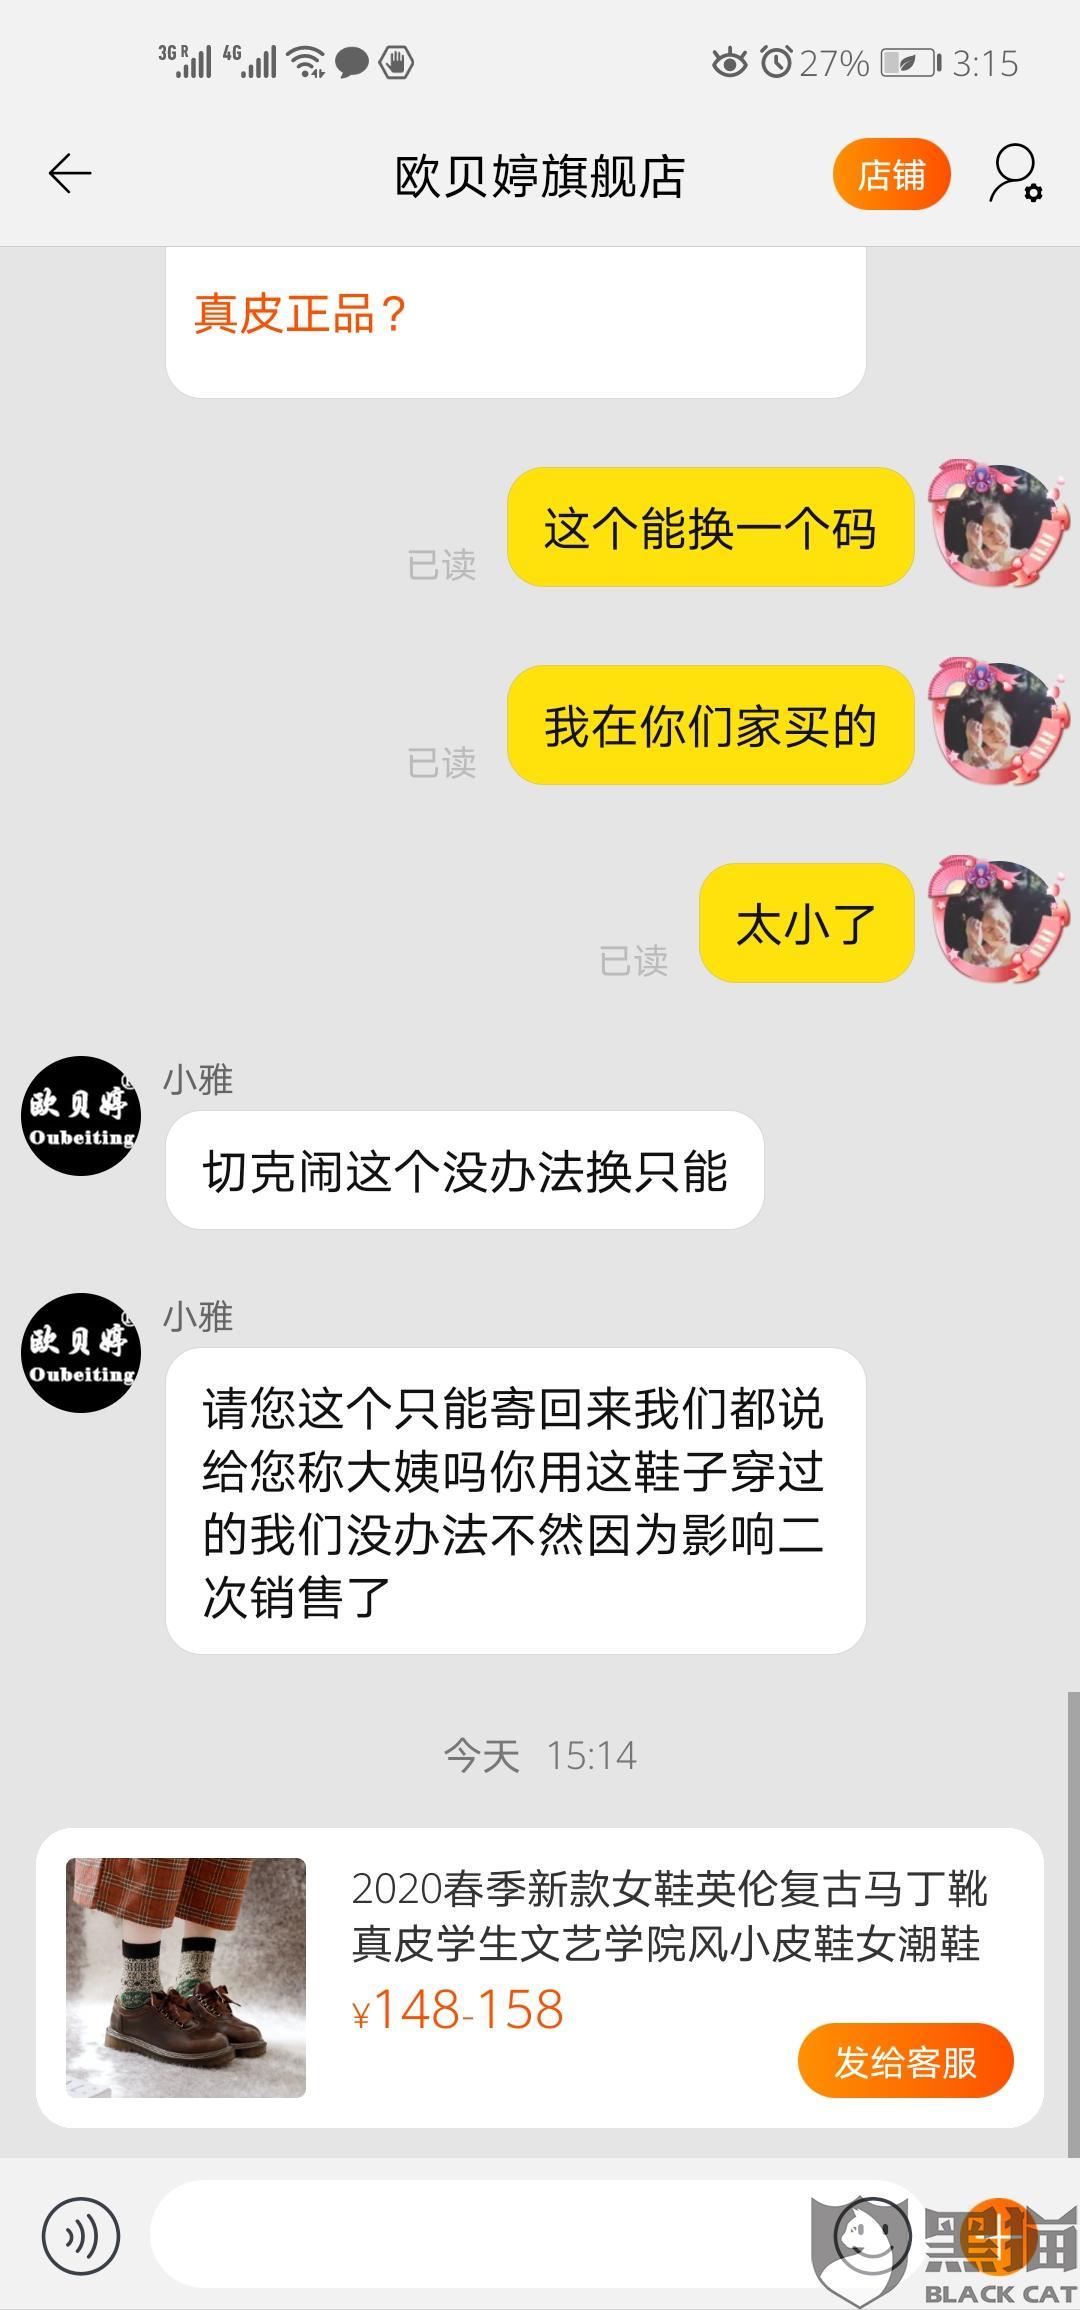 黑猫投诉:淘宝电商:欧贝婷旗舰店